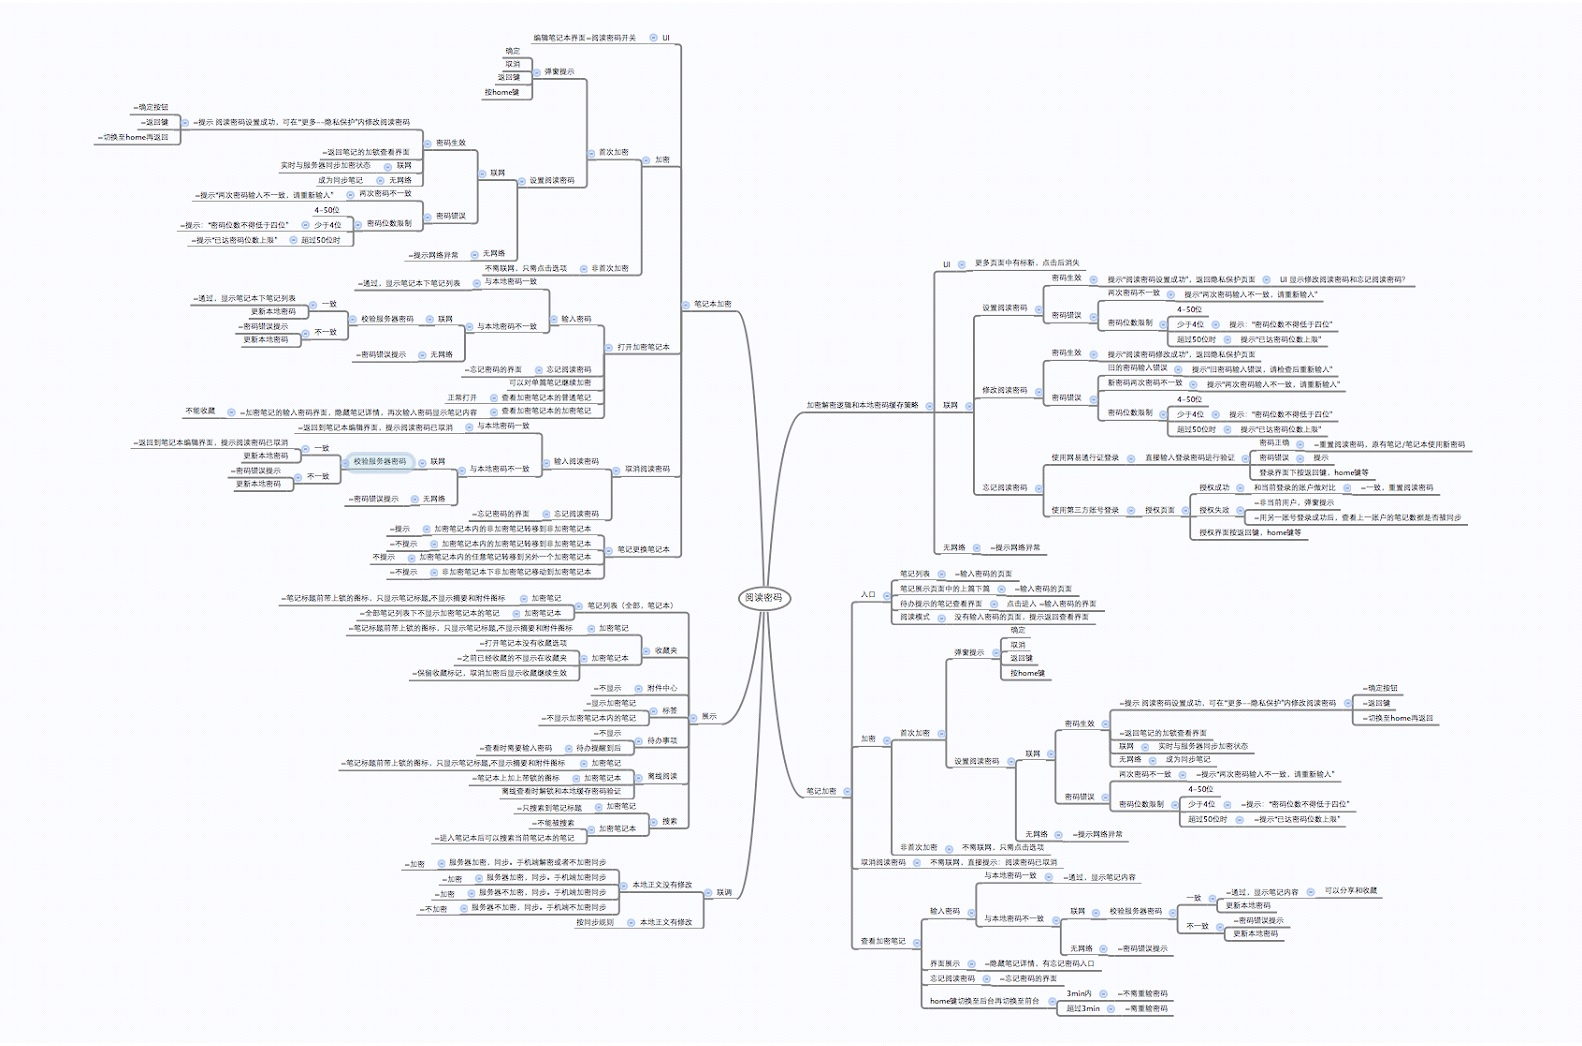 图3 云笔记阅读密码测试用例